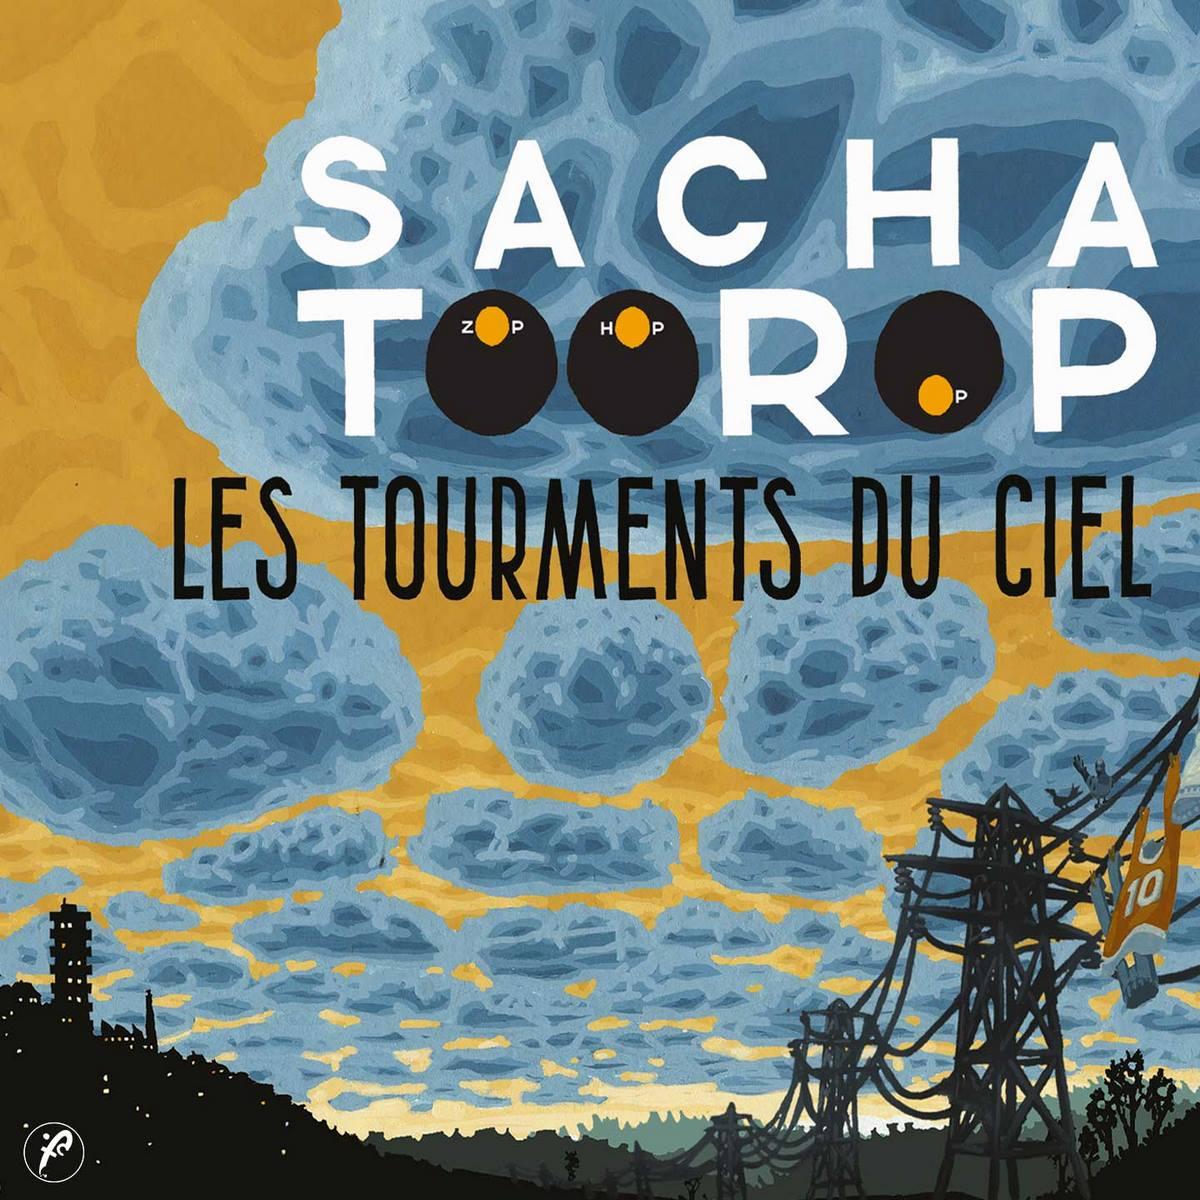 Sacha Toorop - Les tourments du ciel